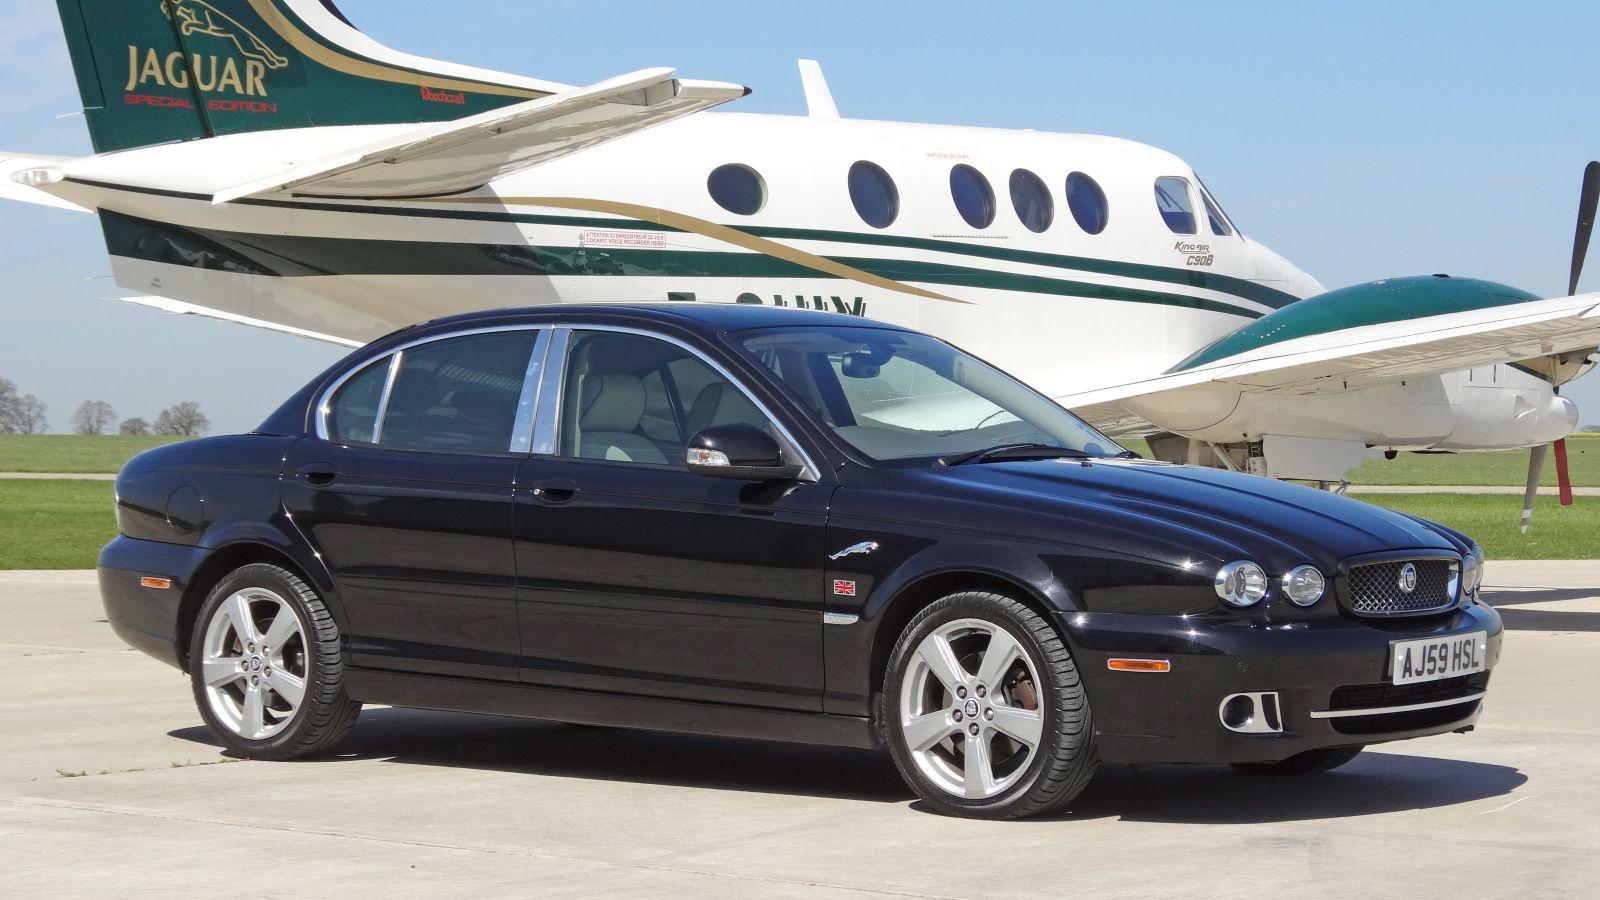 Jaguar Car and Aircraft 2